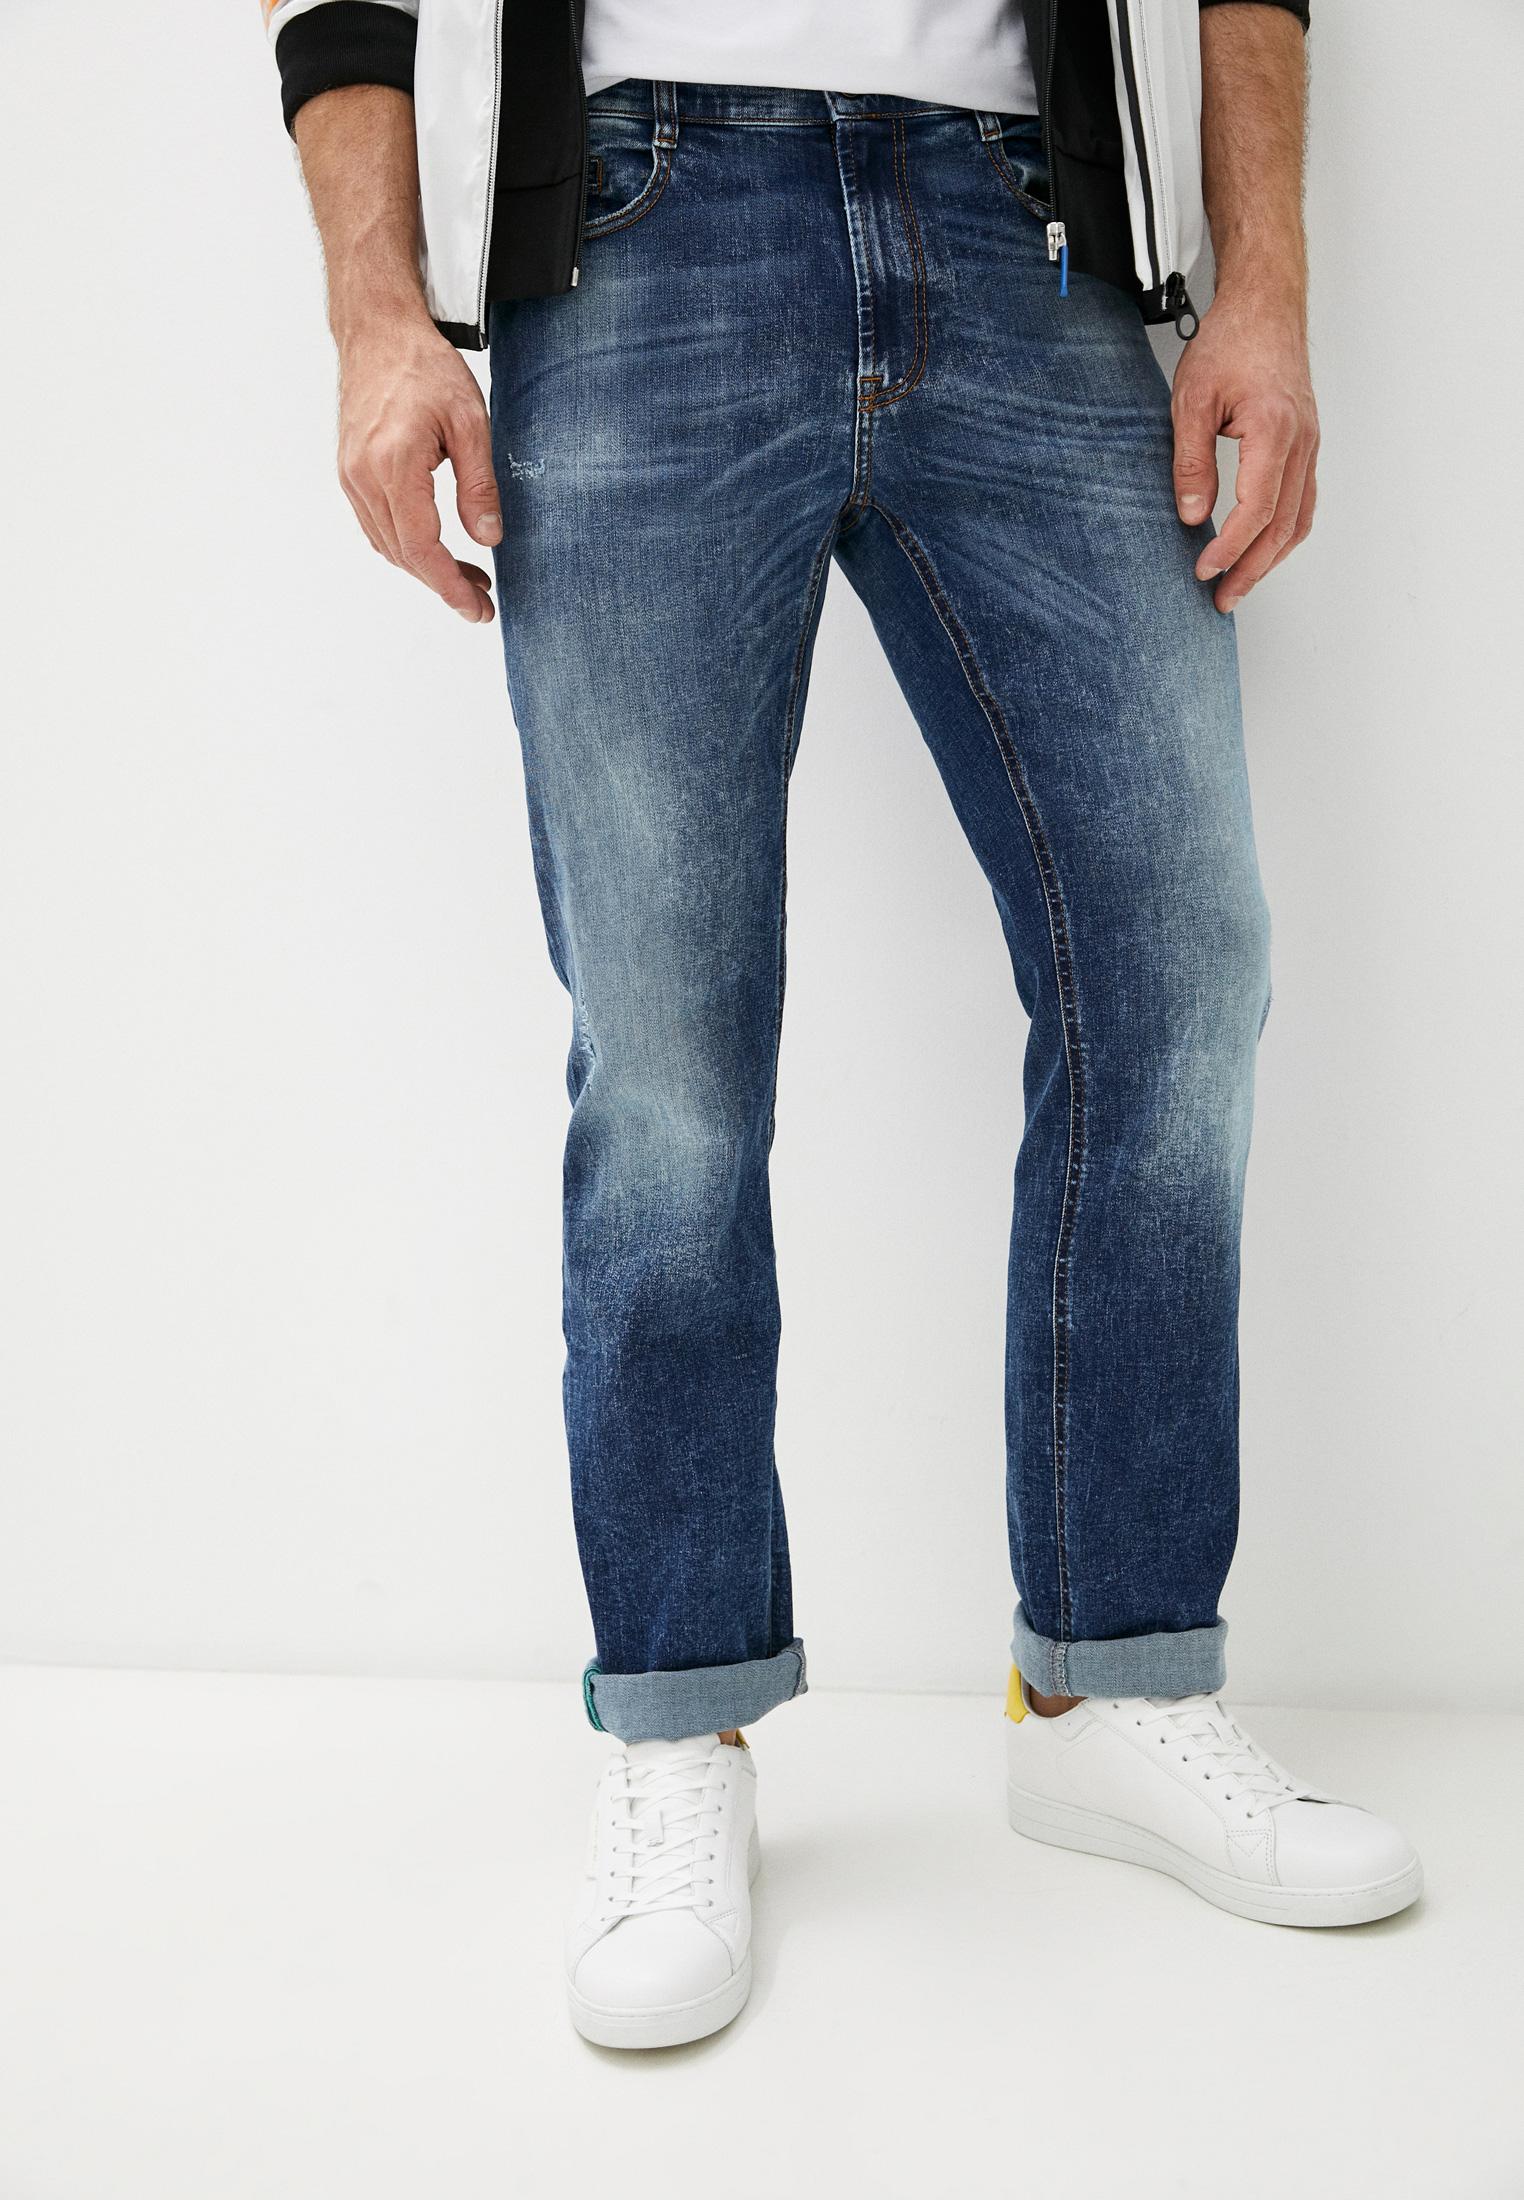 Мужские прямые джинсы Bikkembergs (Биккембергс) C Q 102 00 S 3181: изображение 6